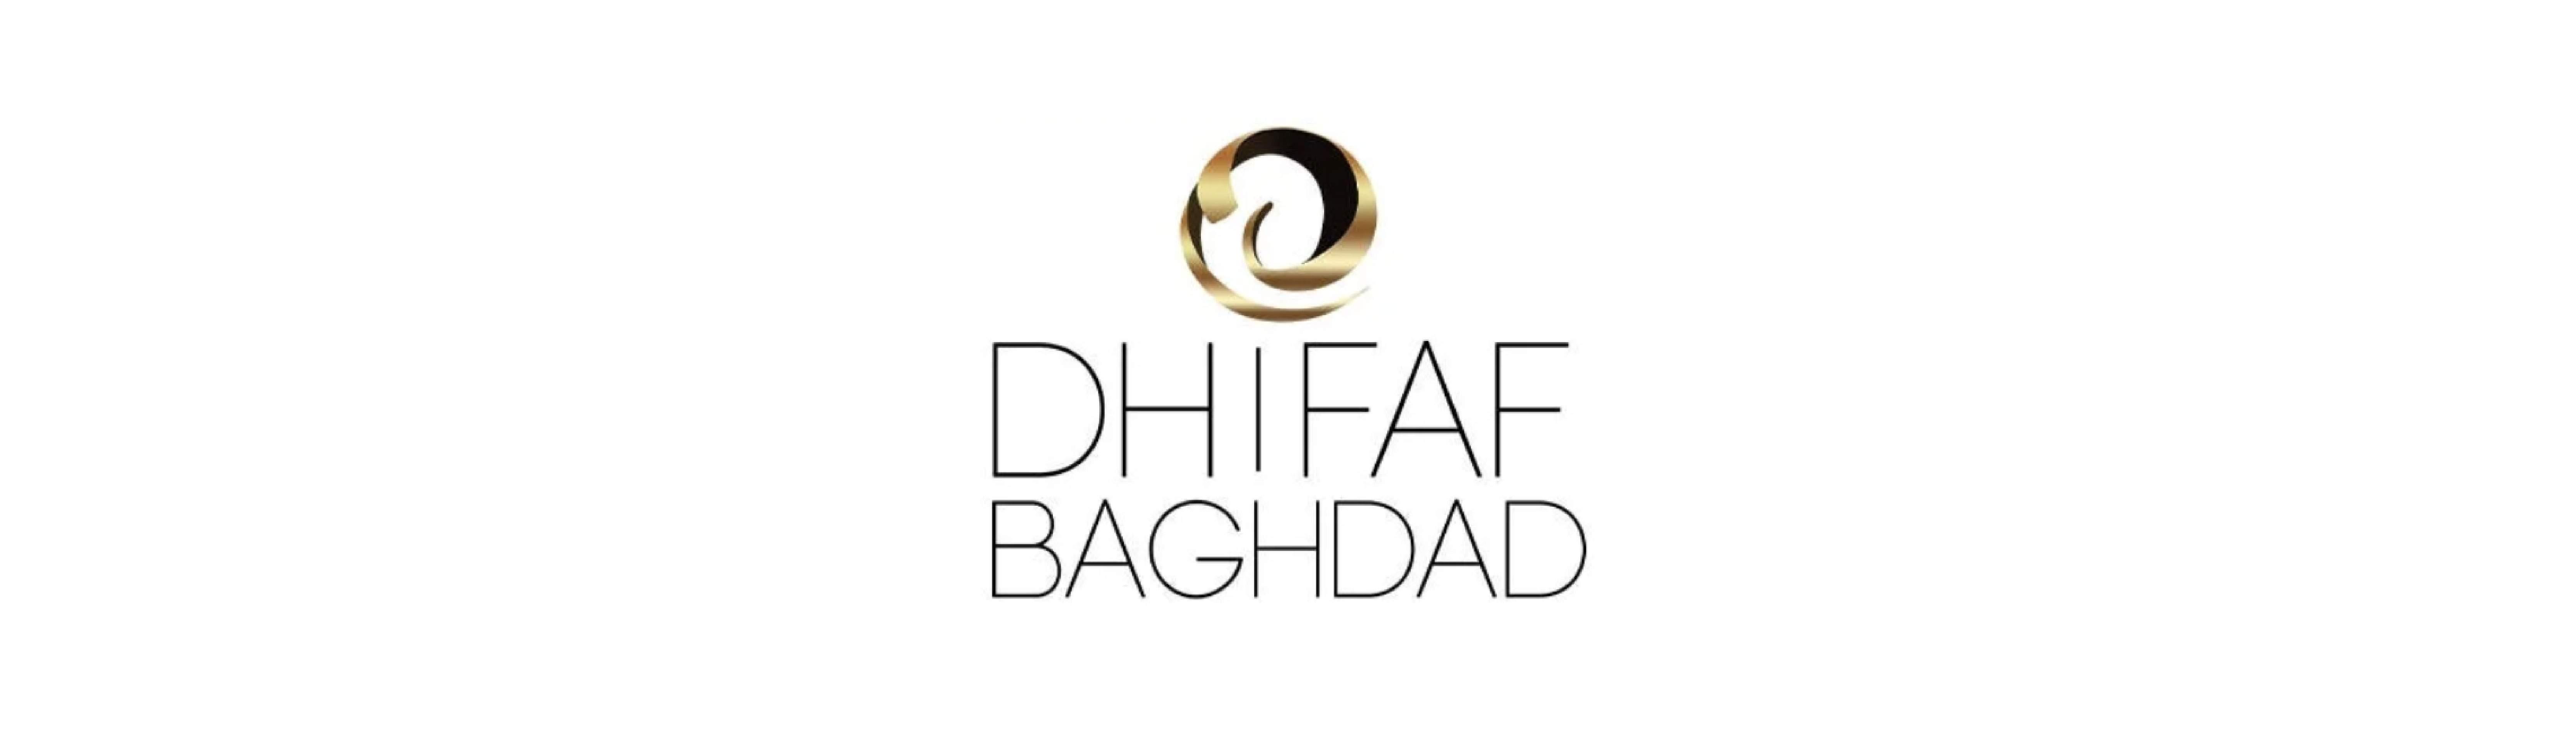 dfaf baghdad